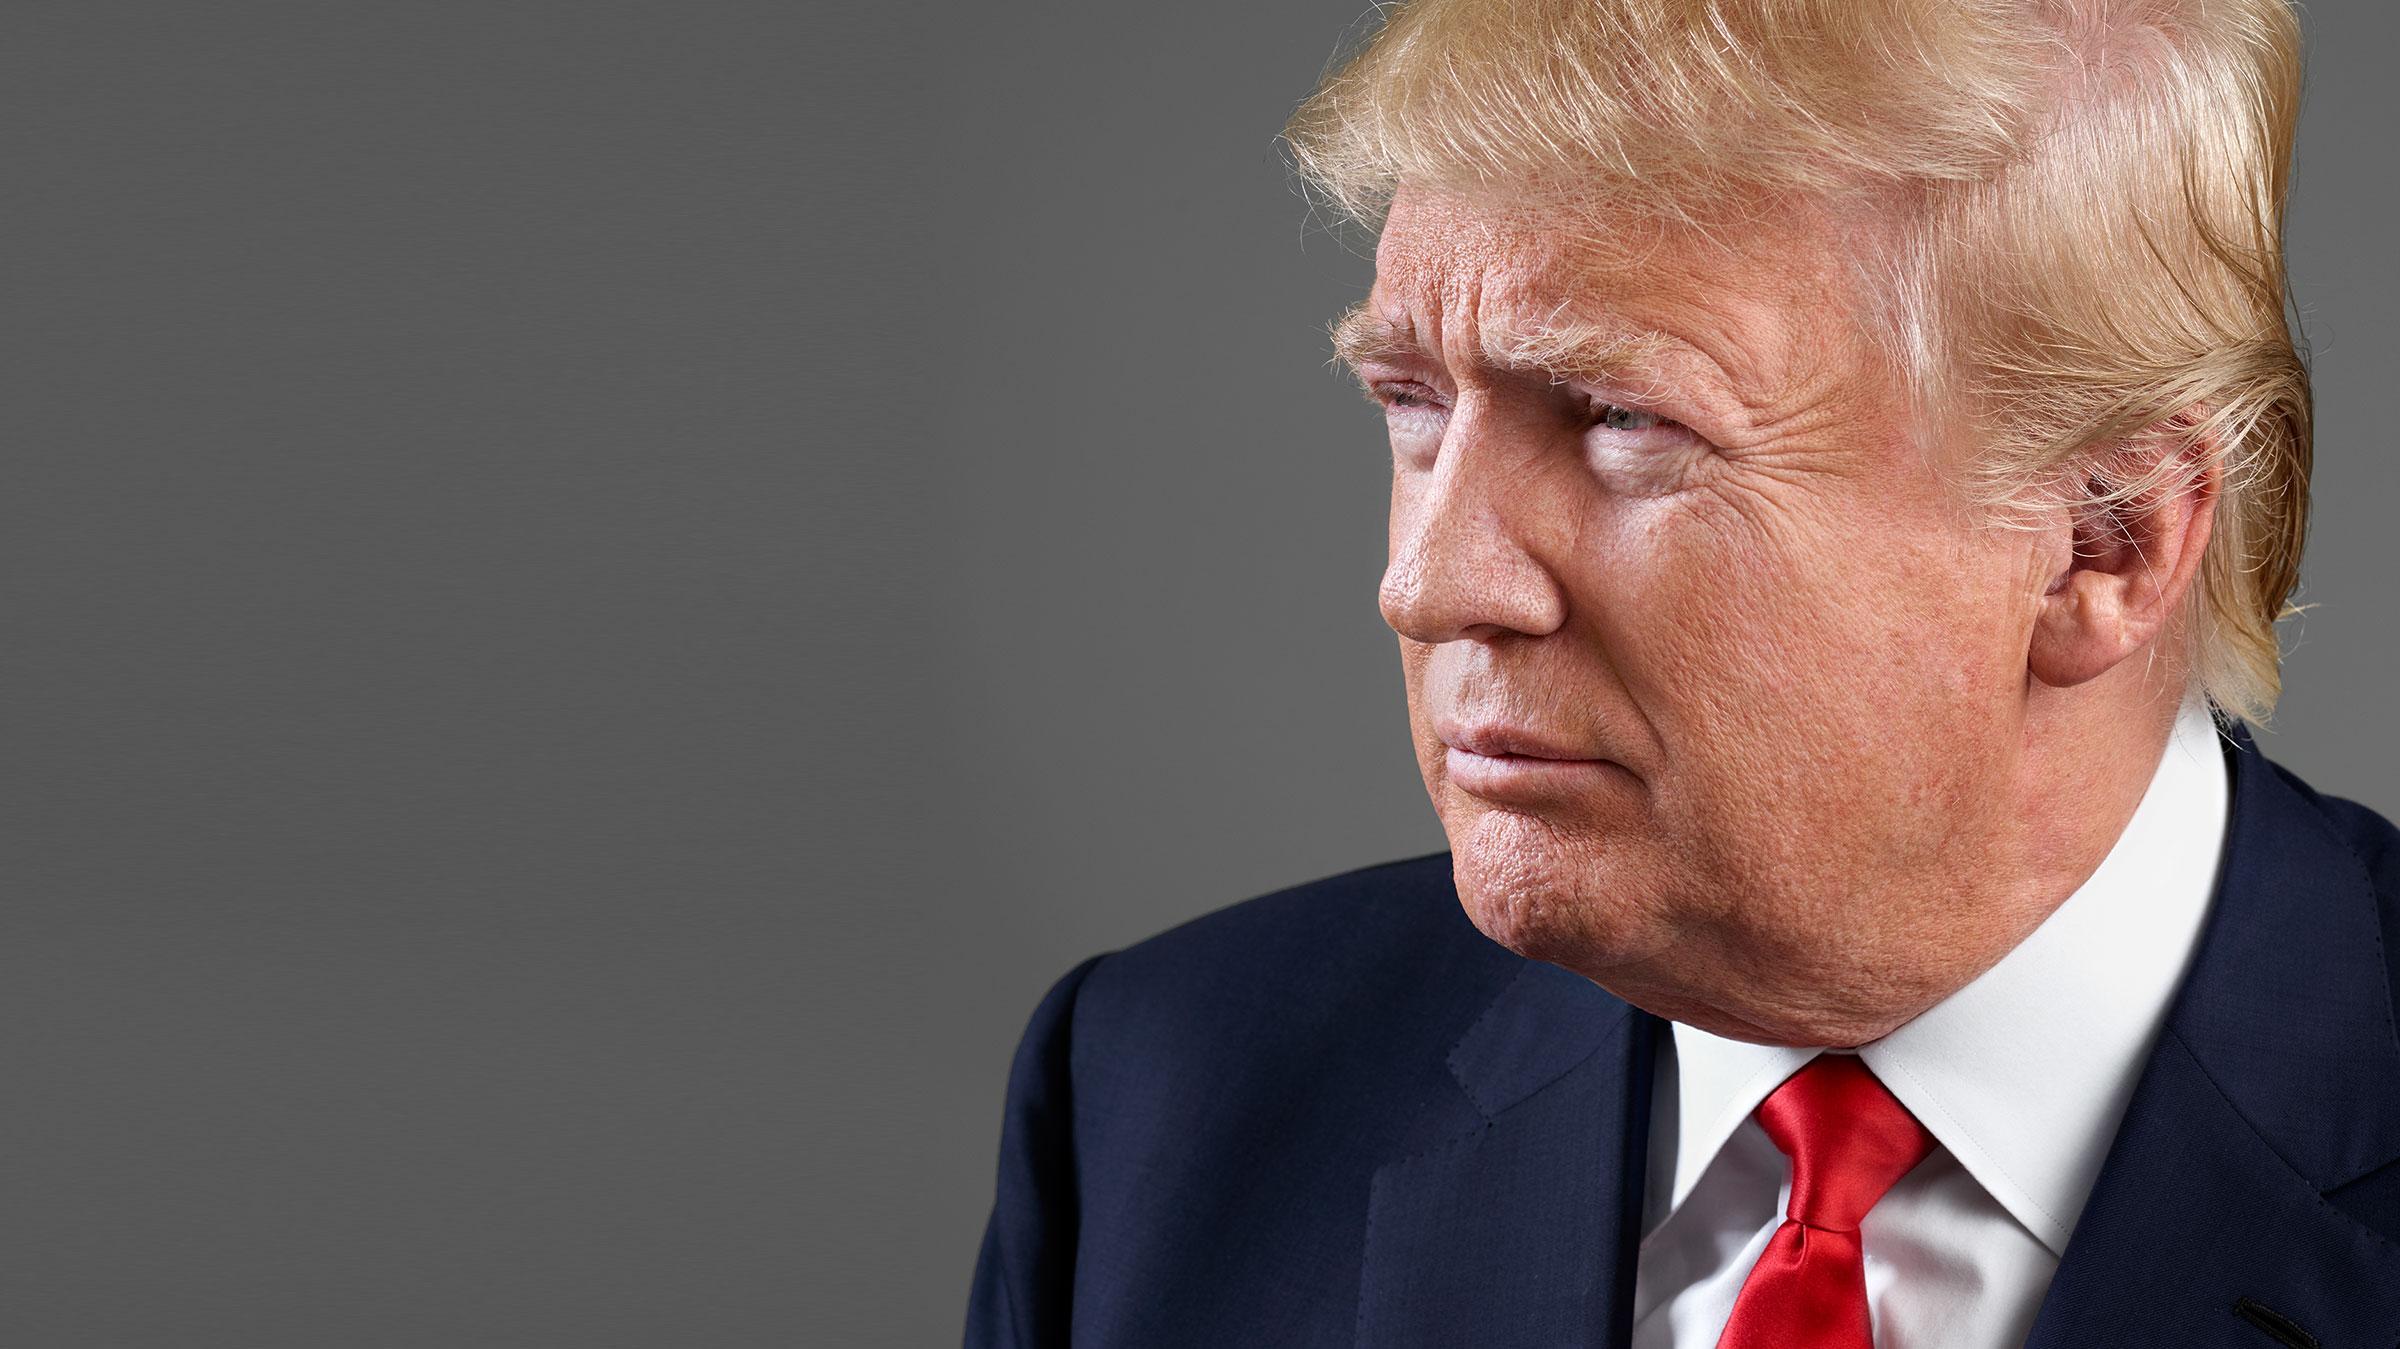 Trump: via dal Trattato sul clima, e rilancia subito nuovi negoziati - Geopolitica.info